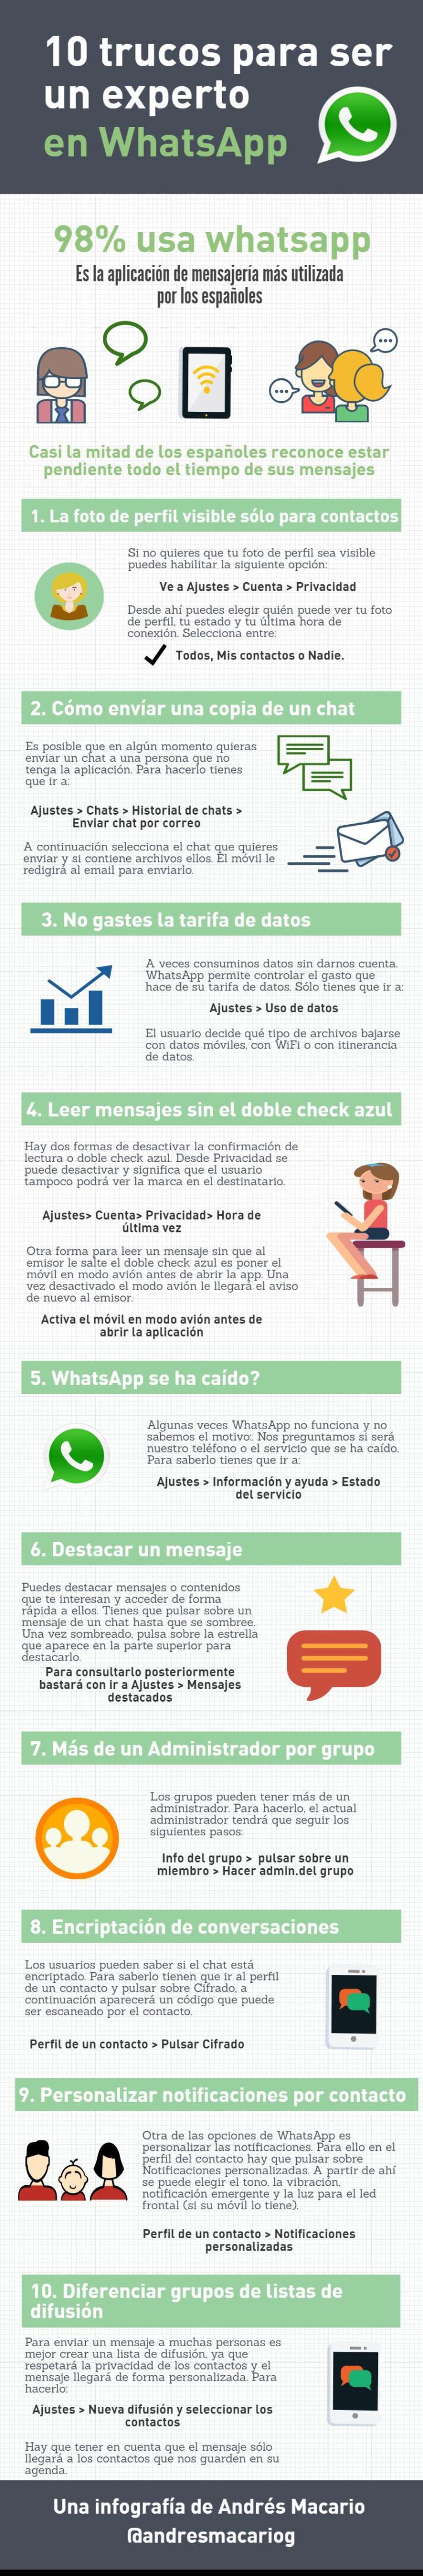 10-trucos-para-ser-un-experto-en-whatsapp-Infografia-Andres-Macario.jpeg